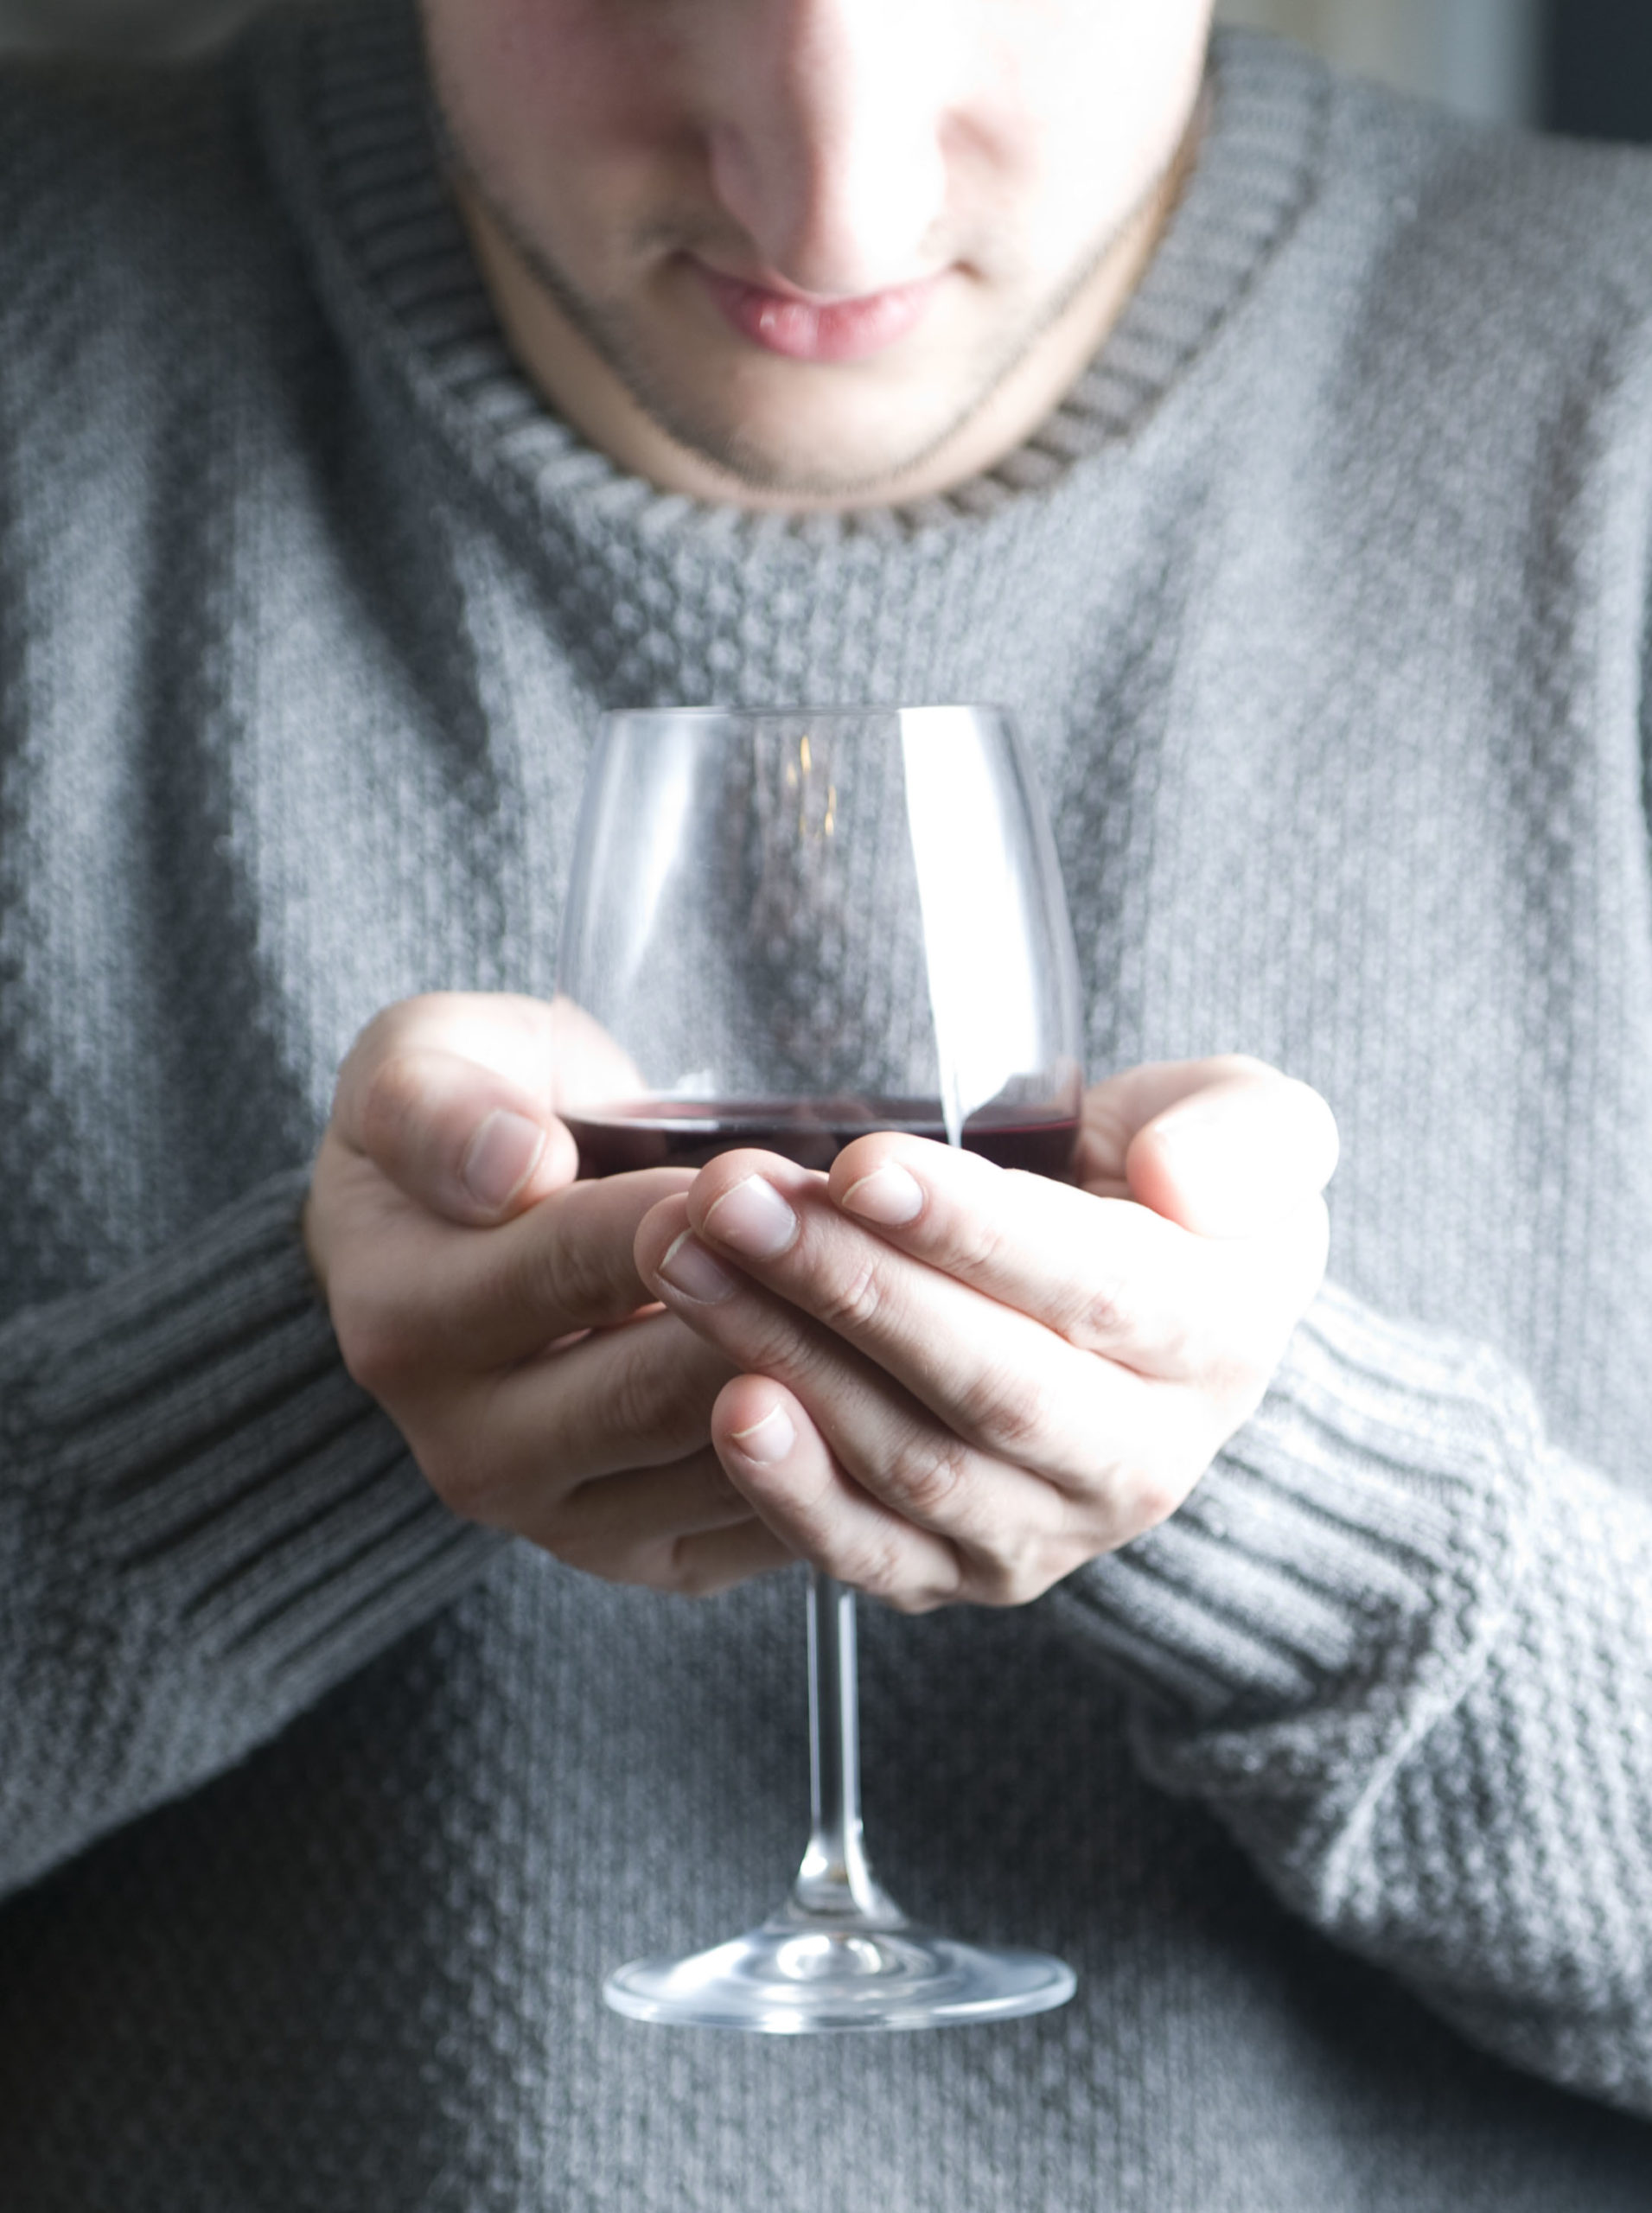 Dégustation du vin au nez - Toutes les astuces et conseils pour une bonne dégustation de vin - tastavin votre caviste en ligne.